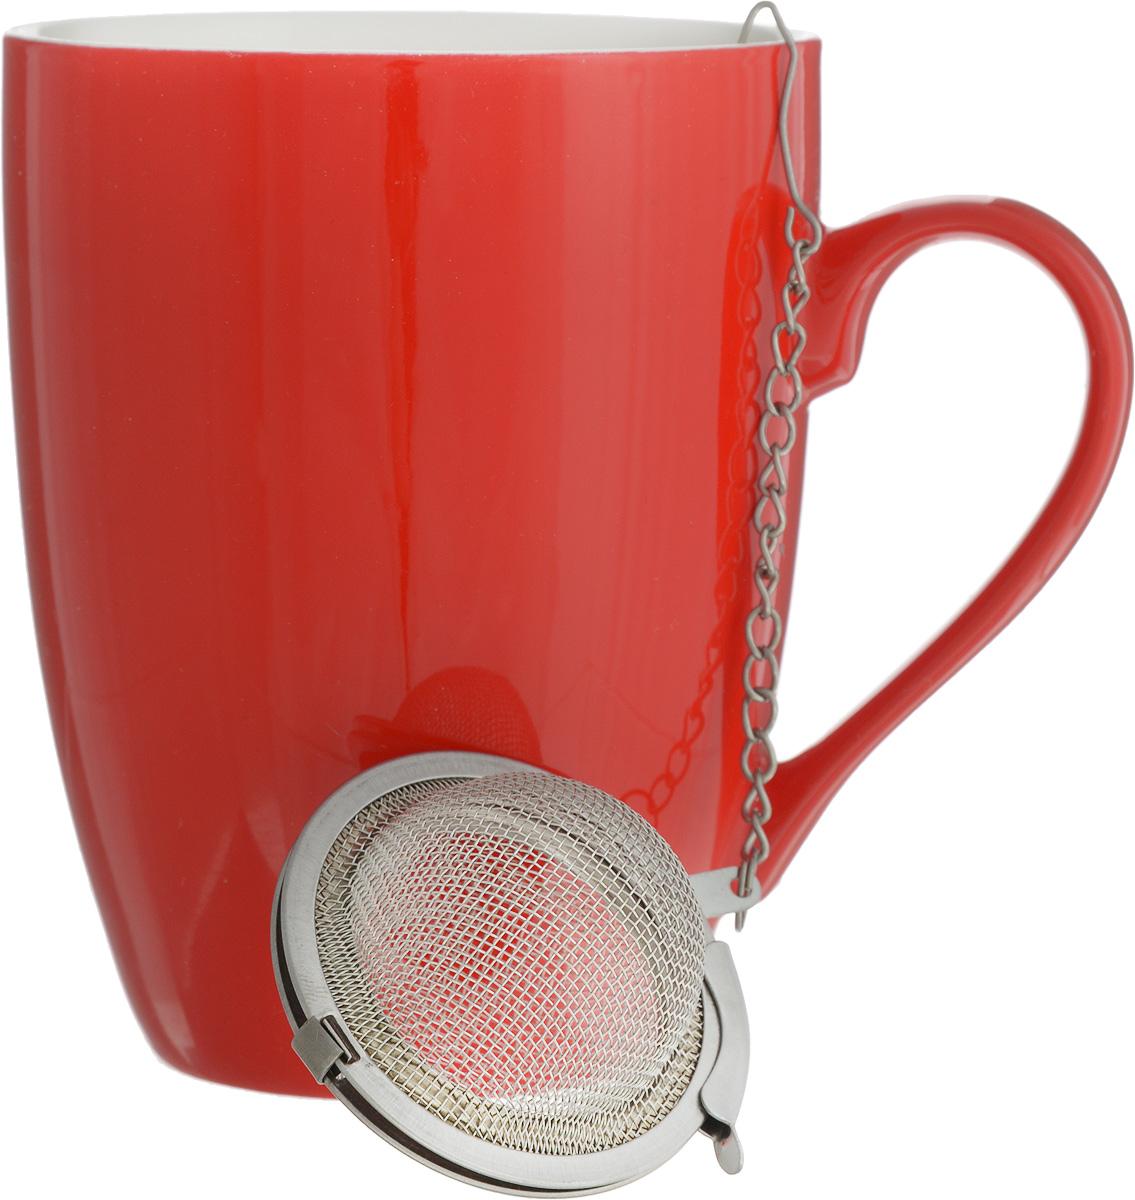 Кружка Доляна Радуга, с ситечком, цвет: красный, белый, 300 мл699261_красный, белыйКружка Доляна Радуга изготовлена из высококачественной керамики. Изделие оформлено ярким дизайном и покрыто превосходной сверкающей глазурью. Изысканная кружка прекрасно оформит стол к чаепитию и станет его неизменным атрибутом.В комплект входит ситечко для заварки.Диаметр кружки (по верхнему краю): 8 см.Высота кружки: 10,5 см.Диаметр ситечка: 4,5 см.